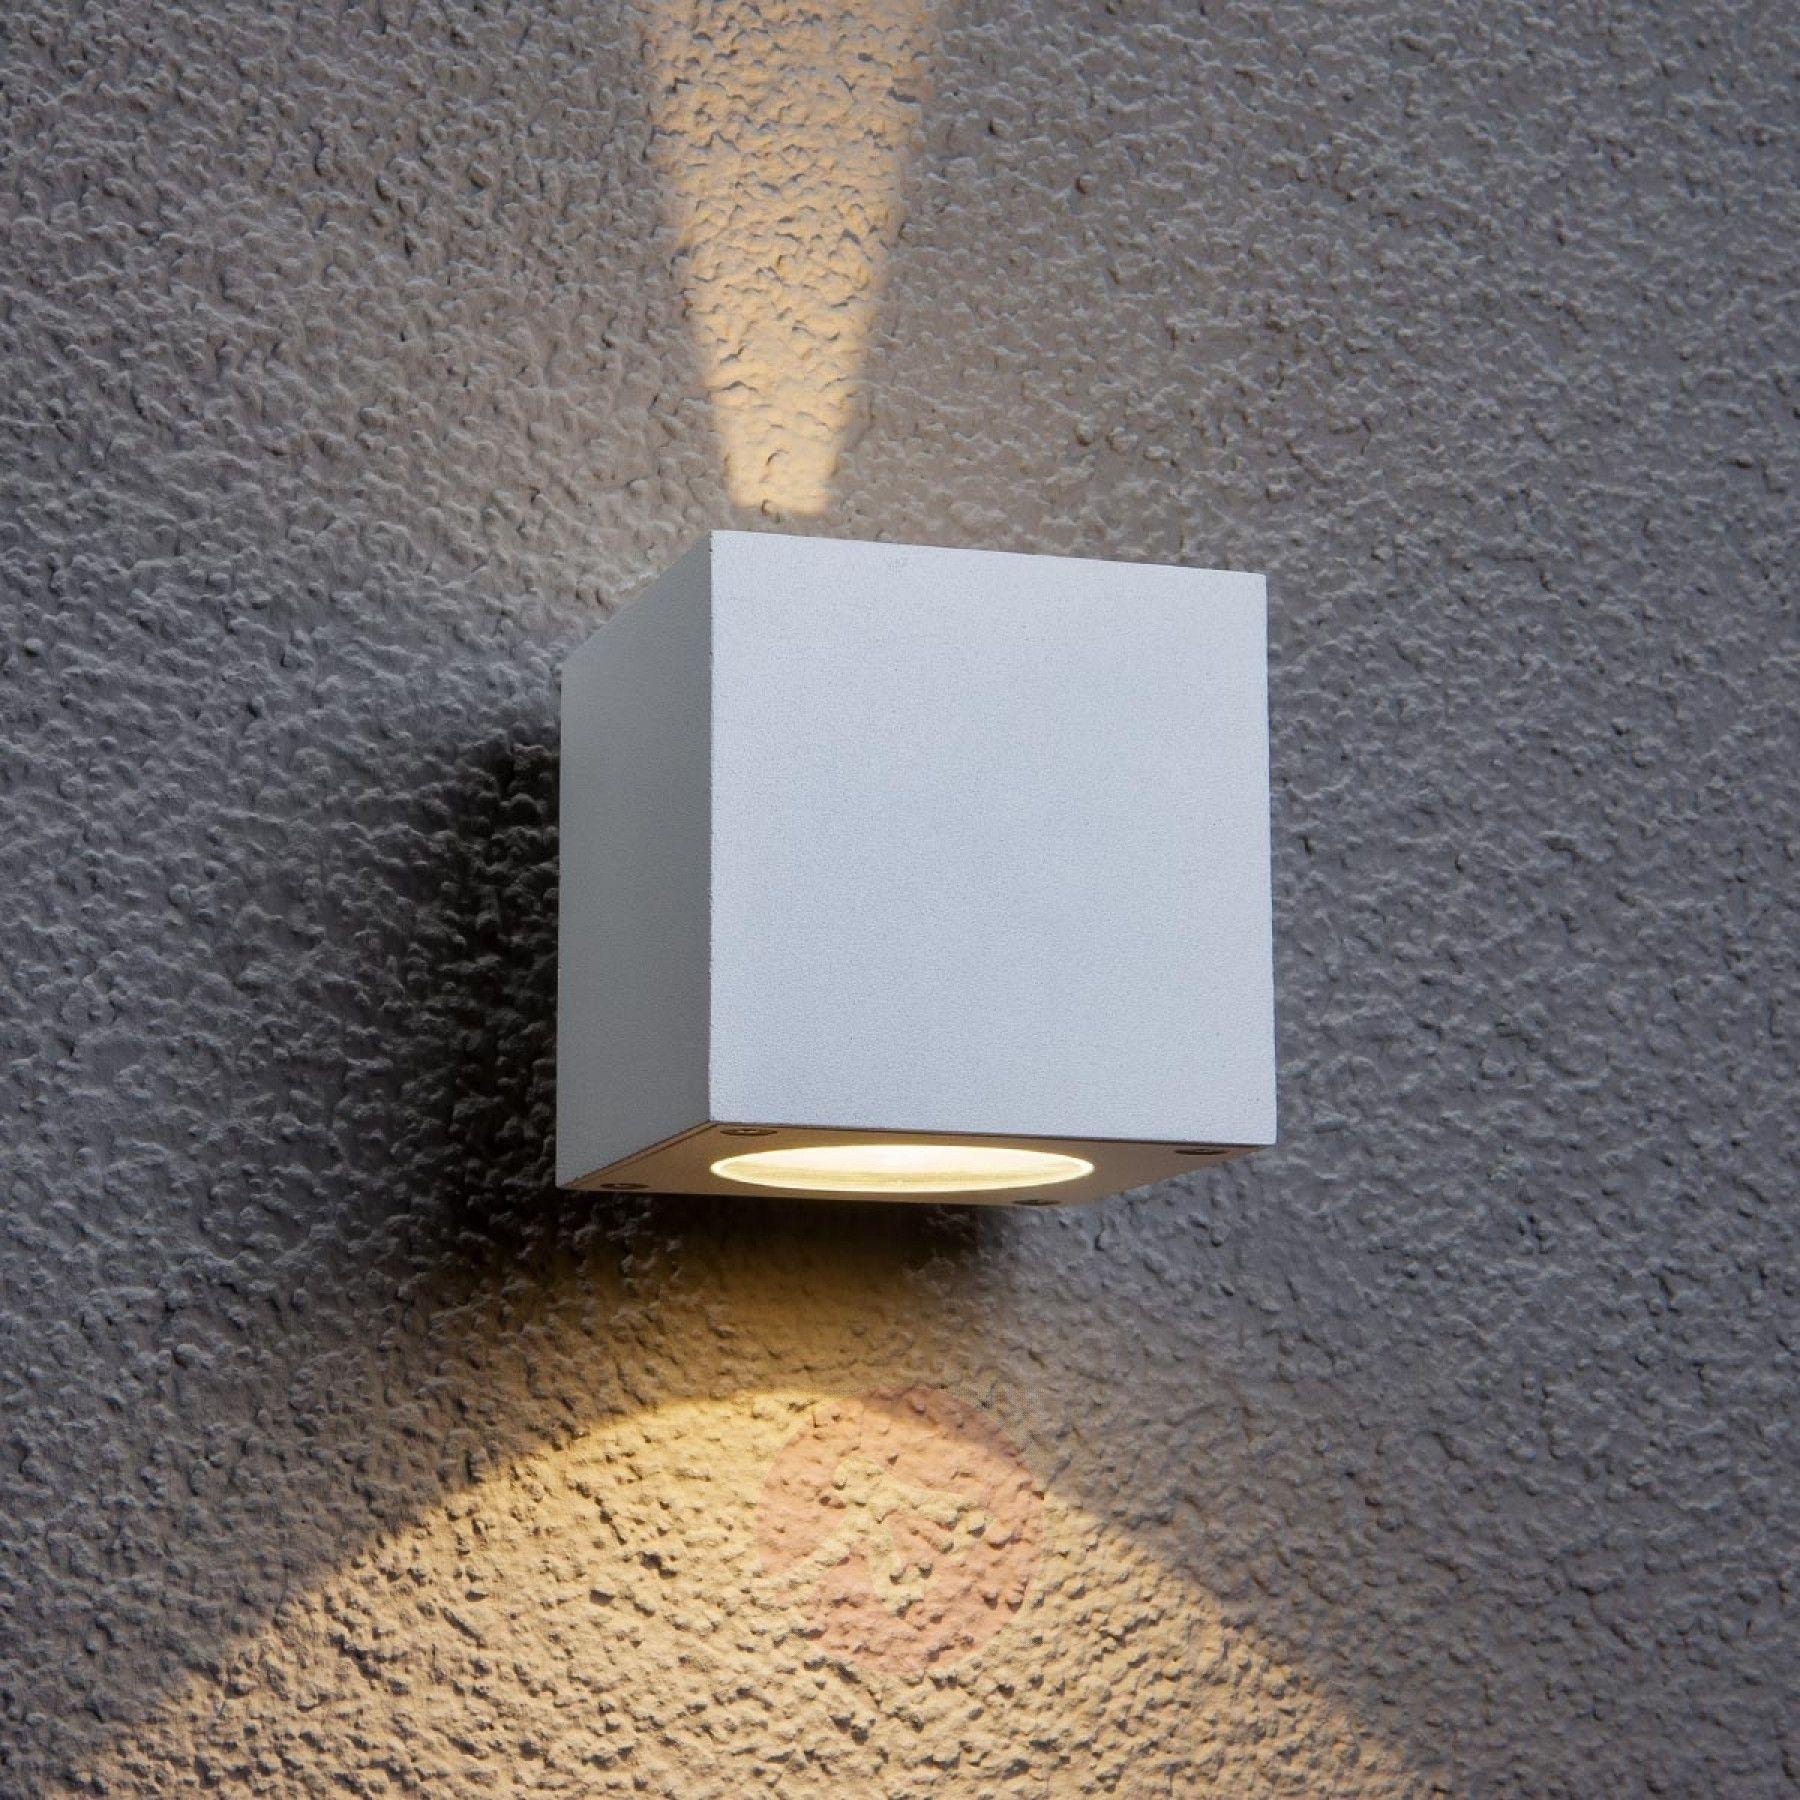 Pin On Wallpaper Hallway Best Wallpaper Pattern